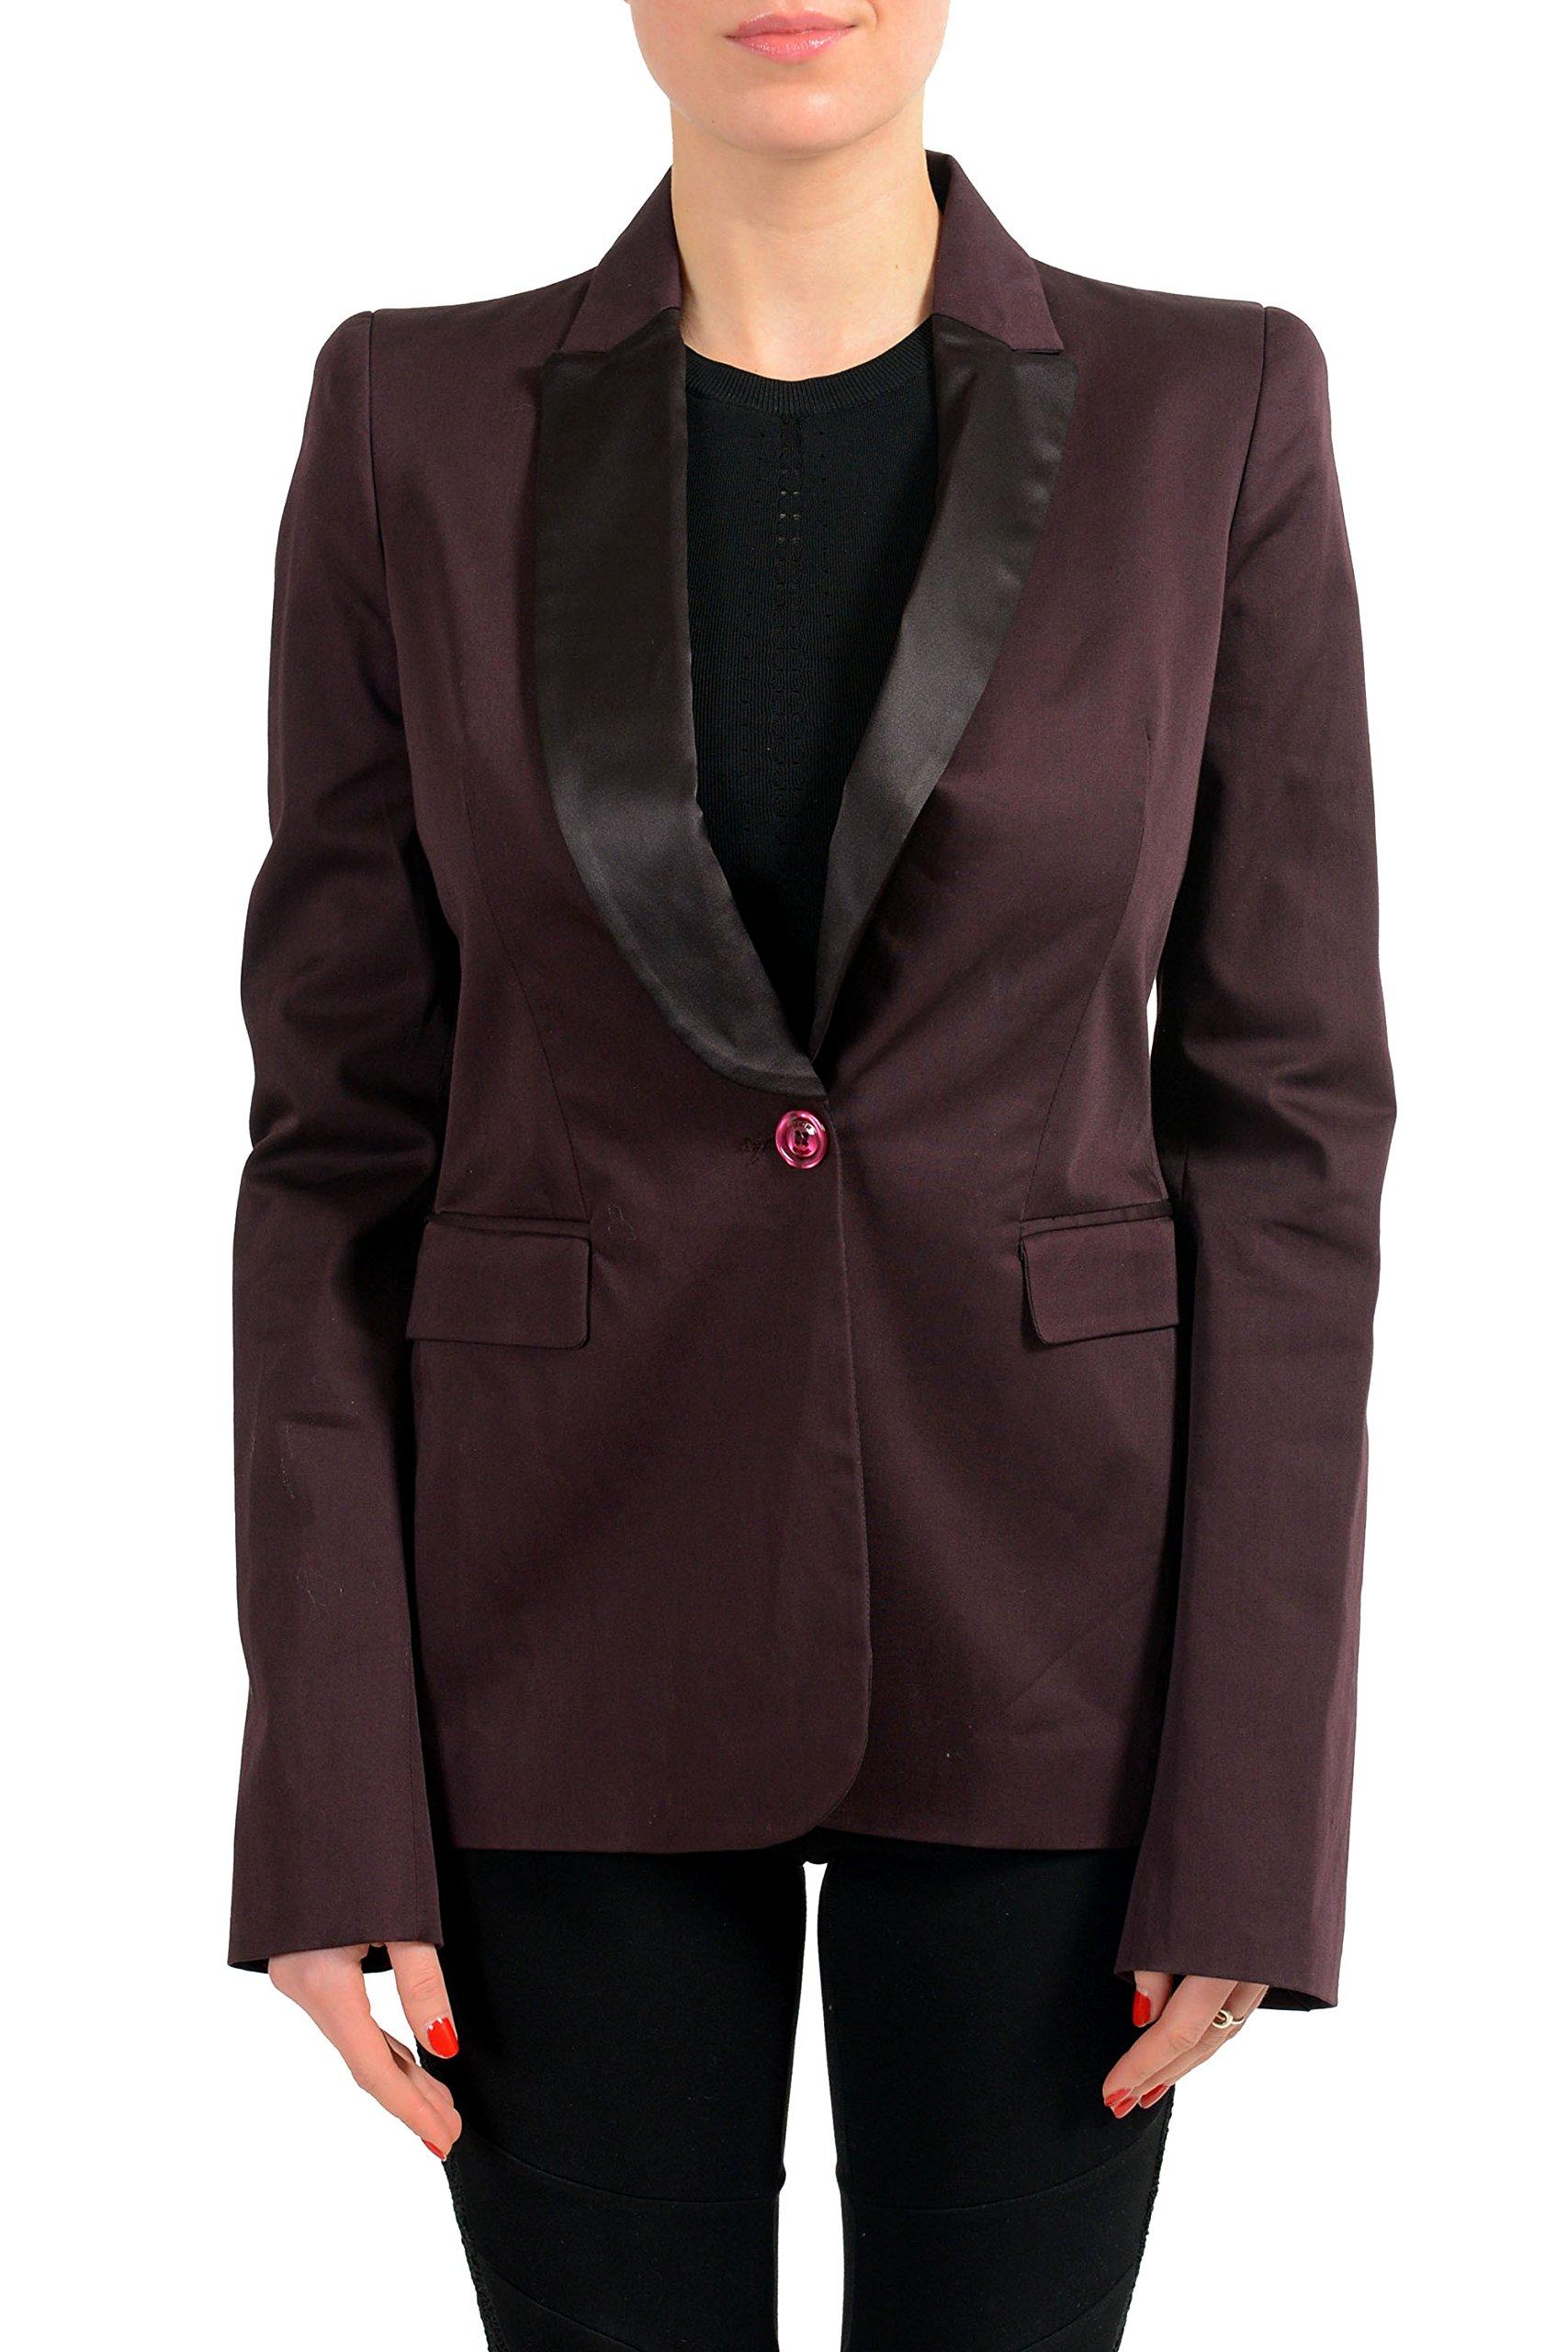 Just Cavalli Brown One Button Tuxedo Style Women's Blazer US S IT 40